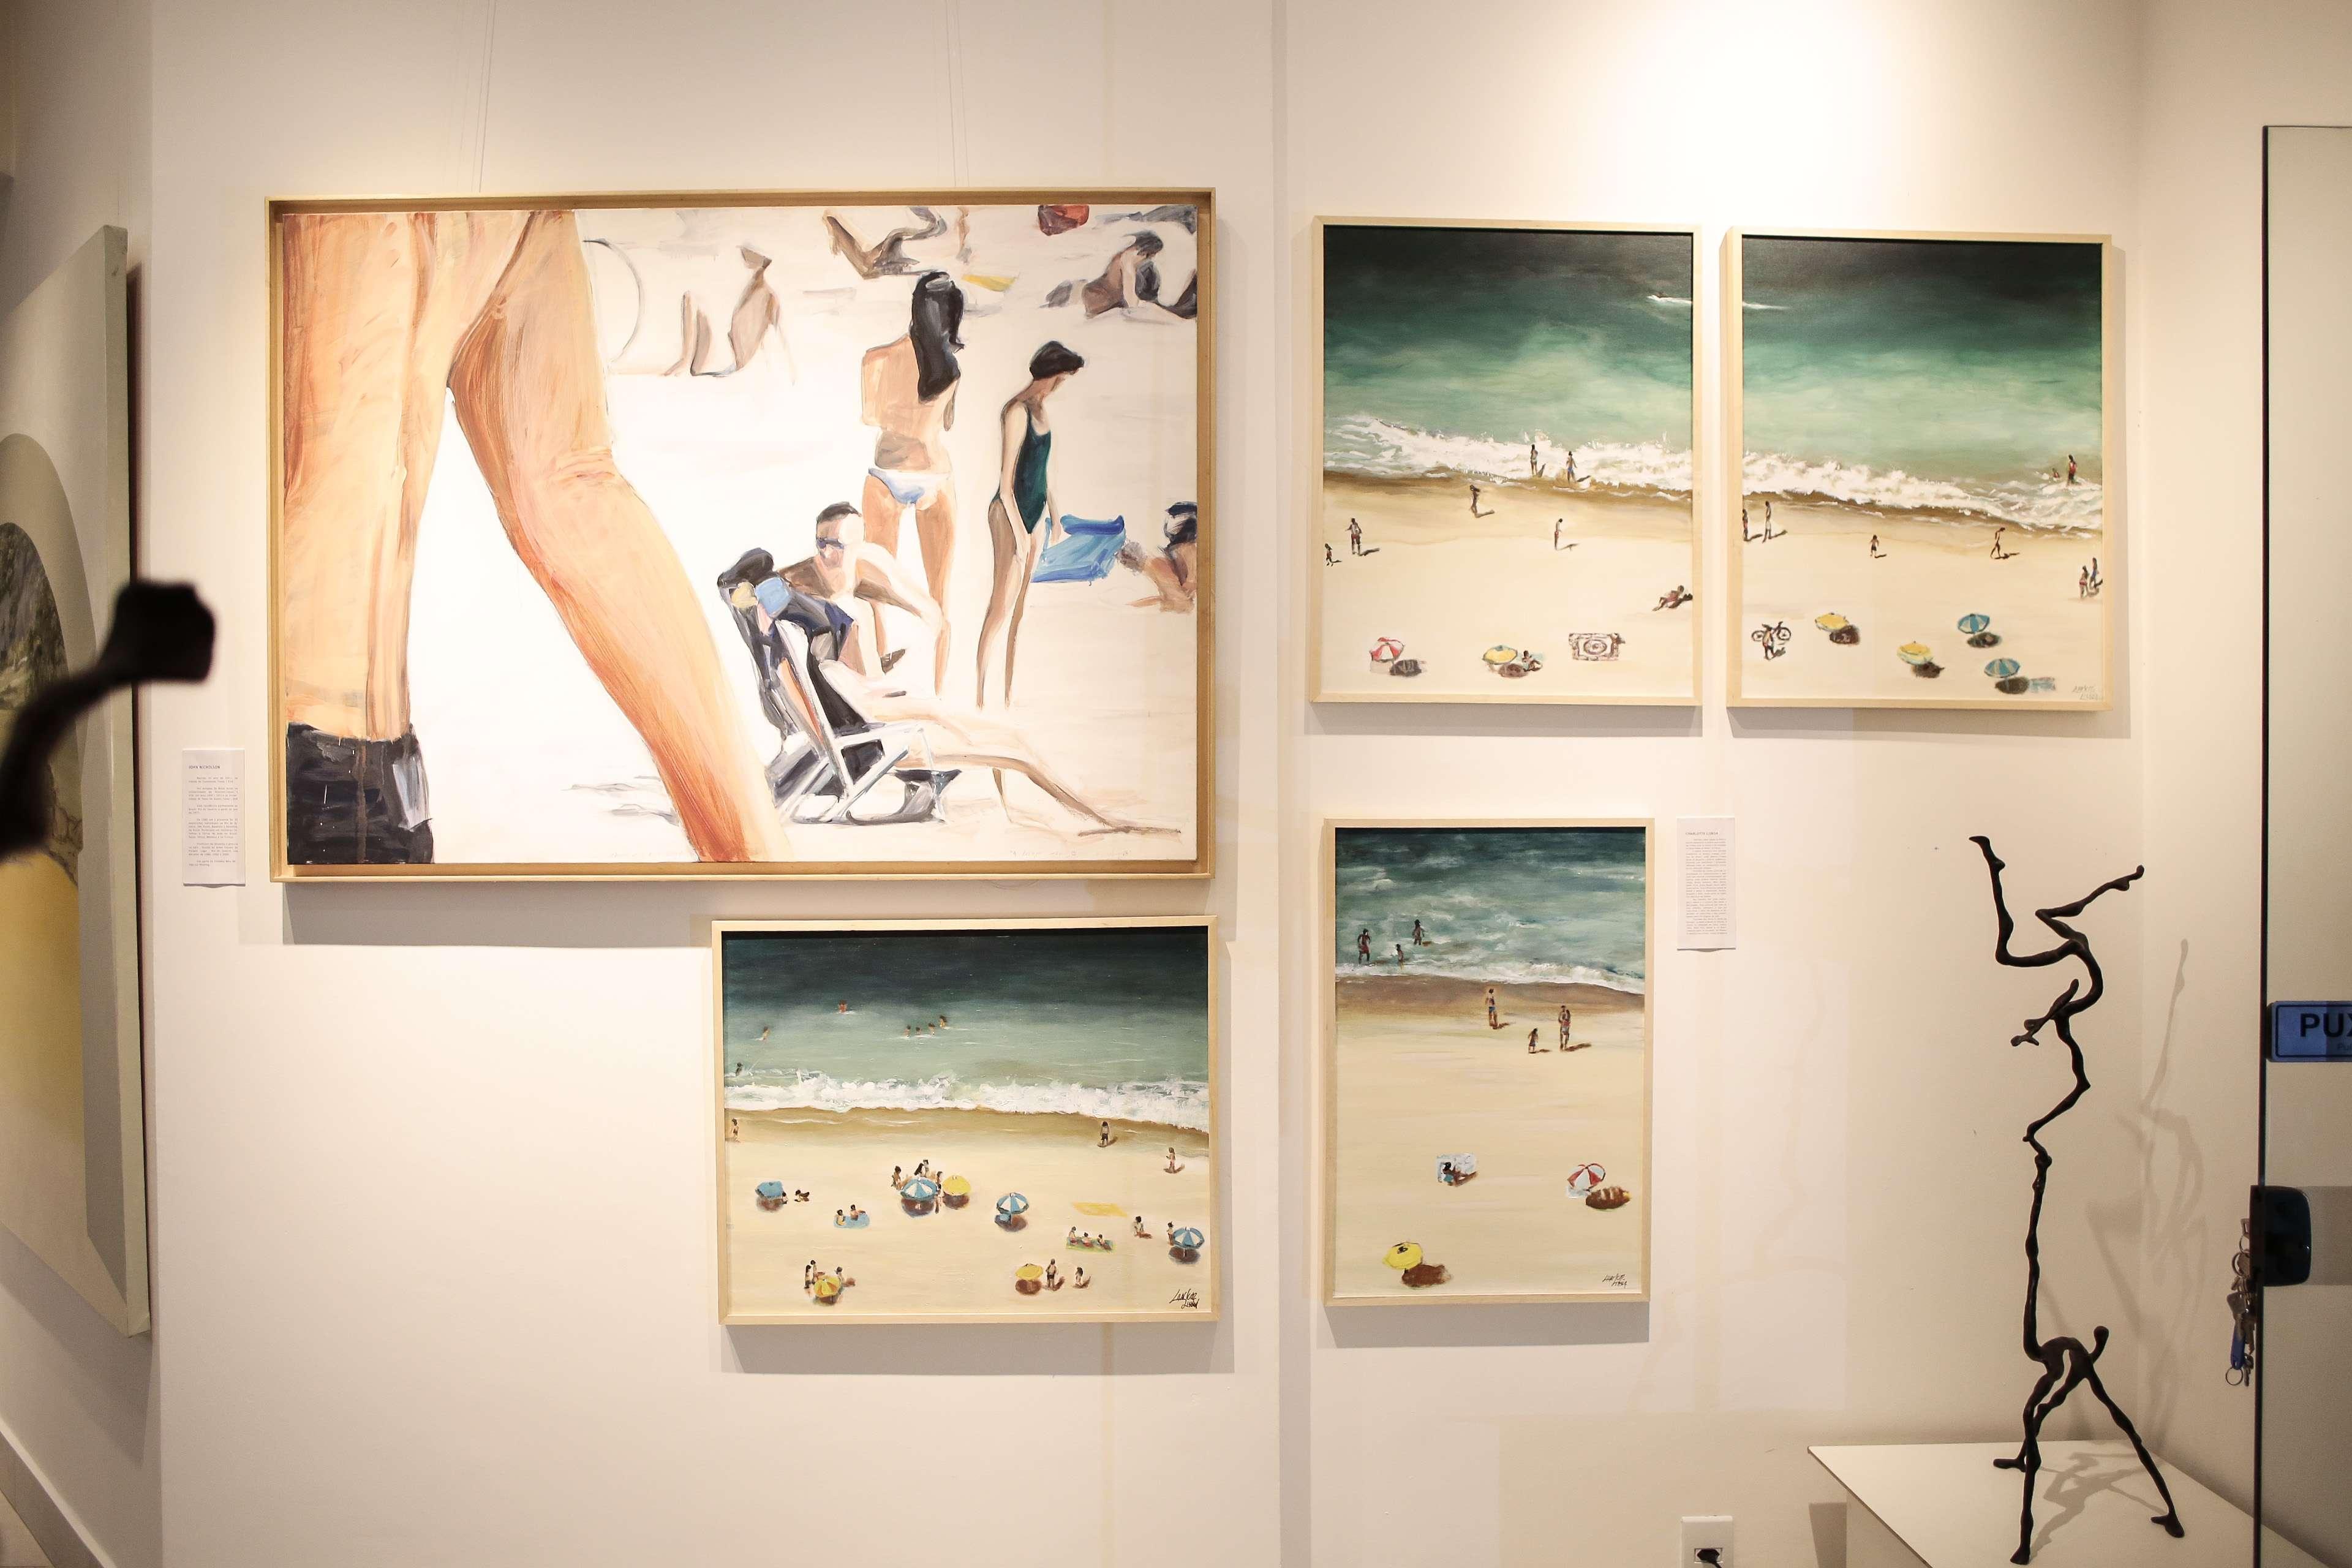 Obras e dos artistas cariocas com a exposição Bonde21